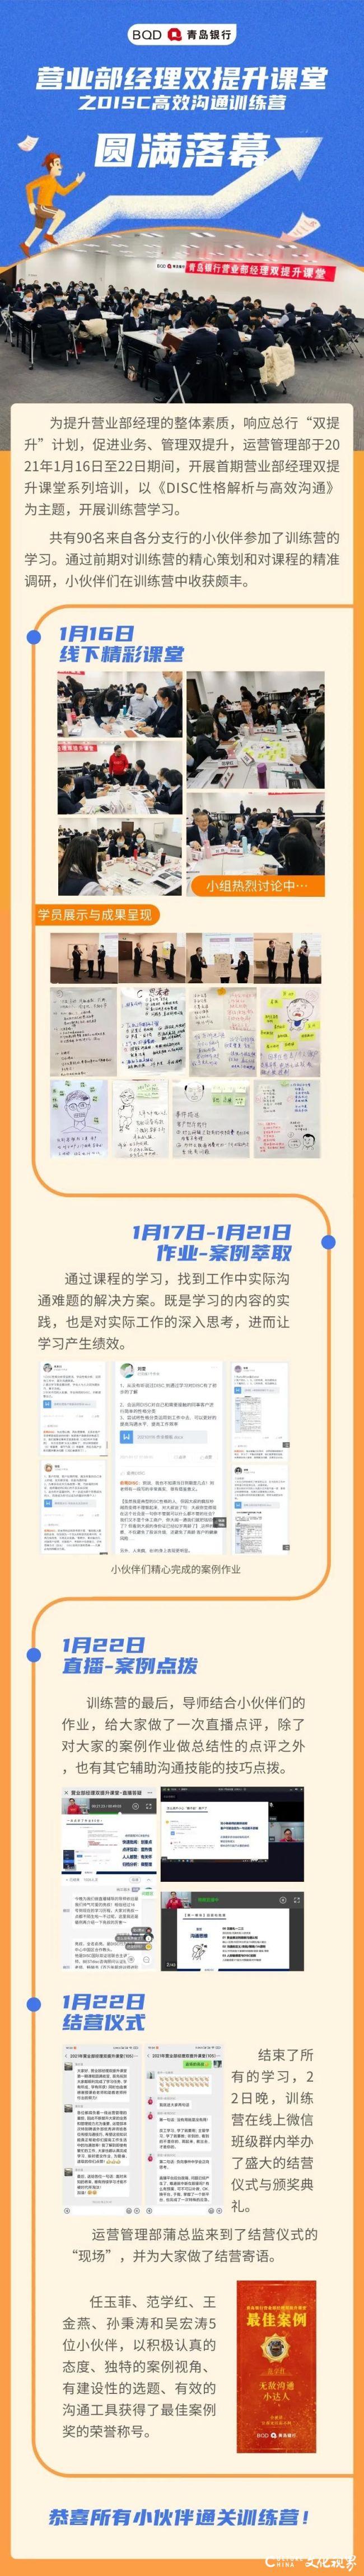 """业务、管理双提升,青岛银行90余名营业部经理成功""""通关""""训练营"""